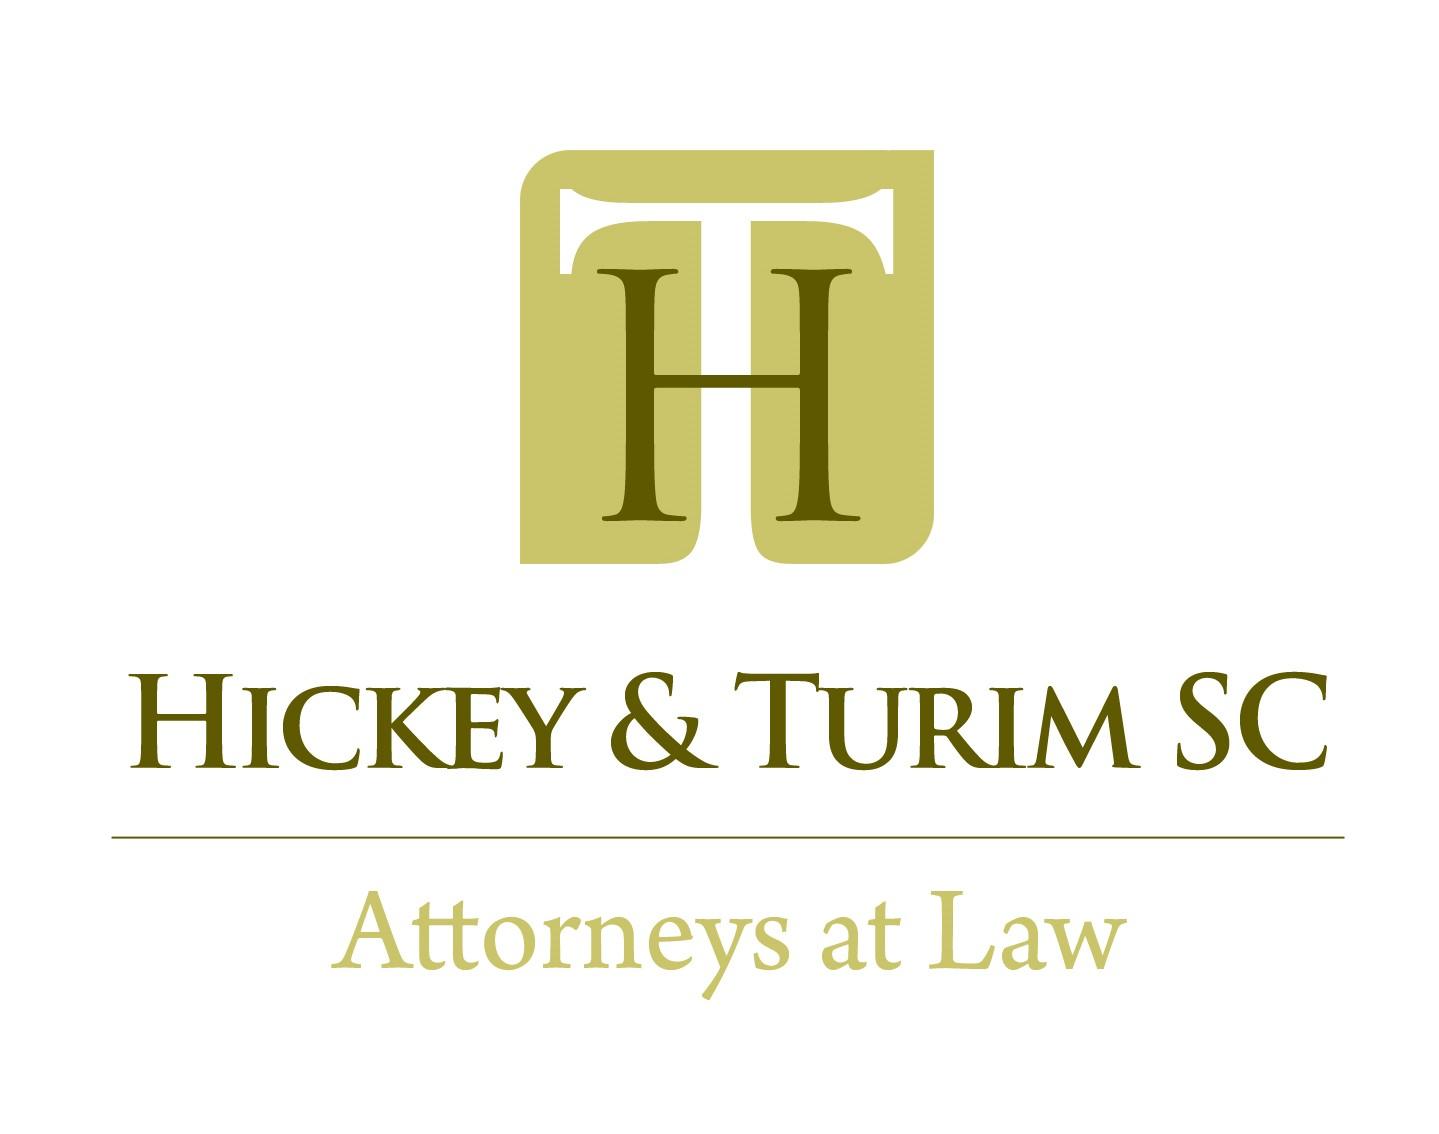 hickey-turim_logo_large (7)